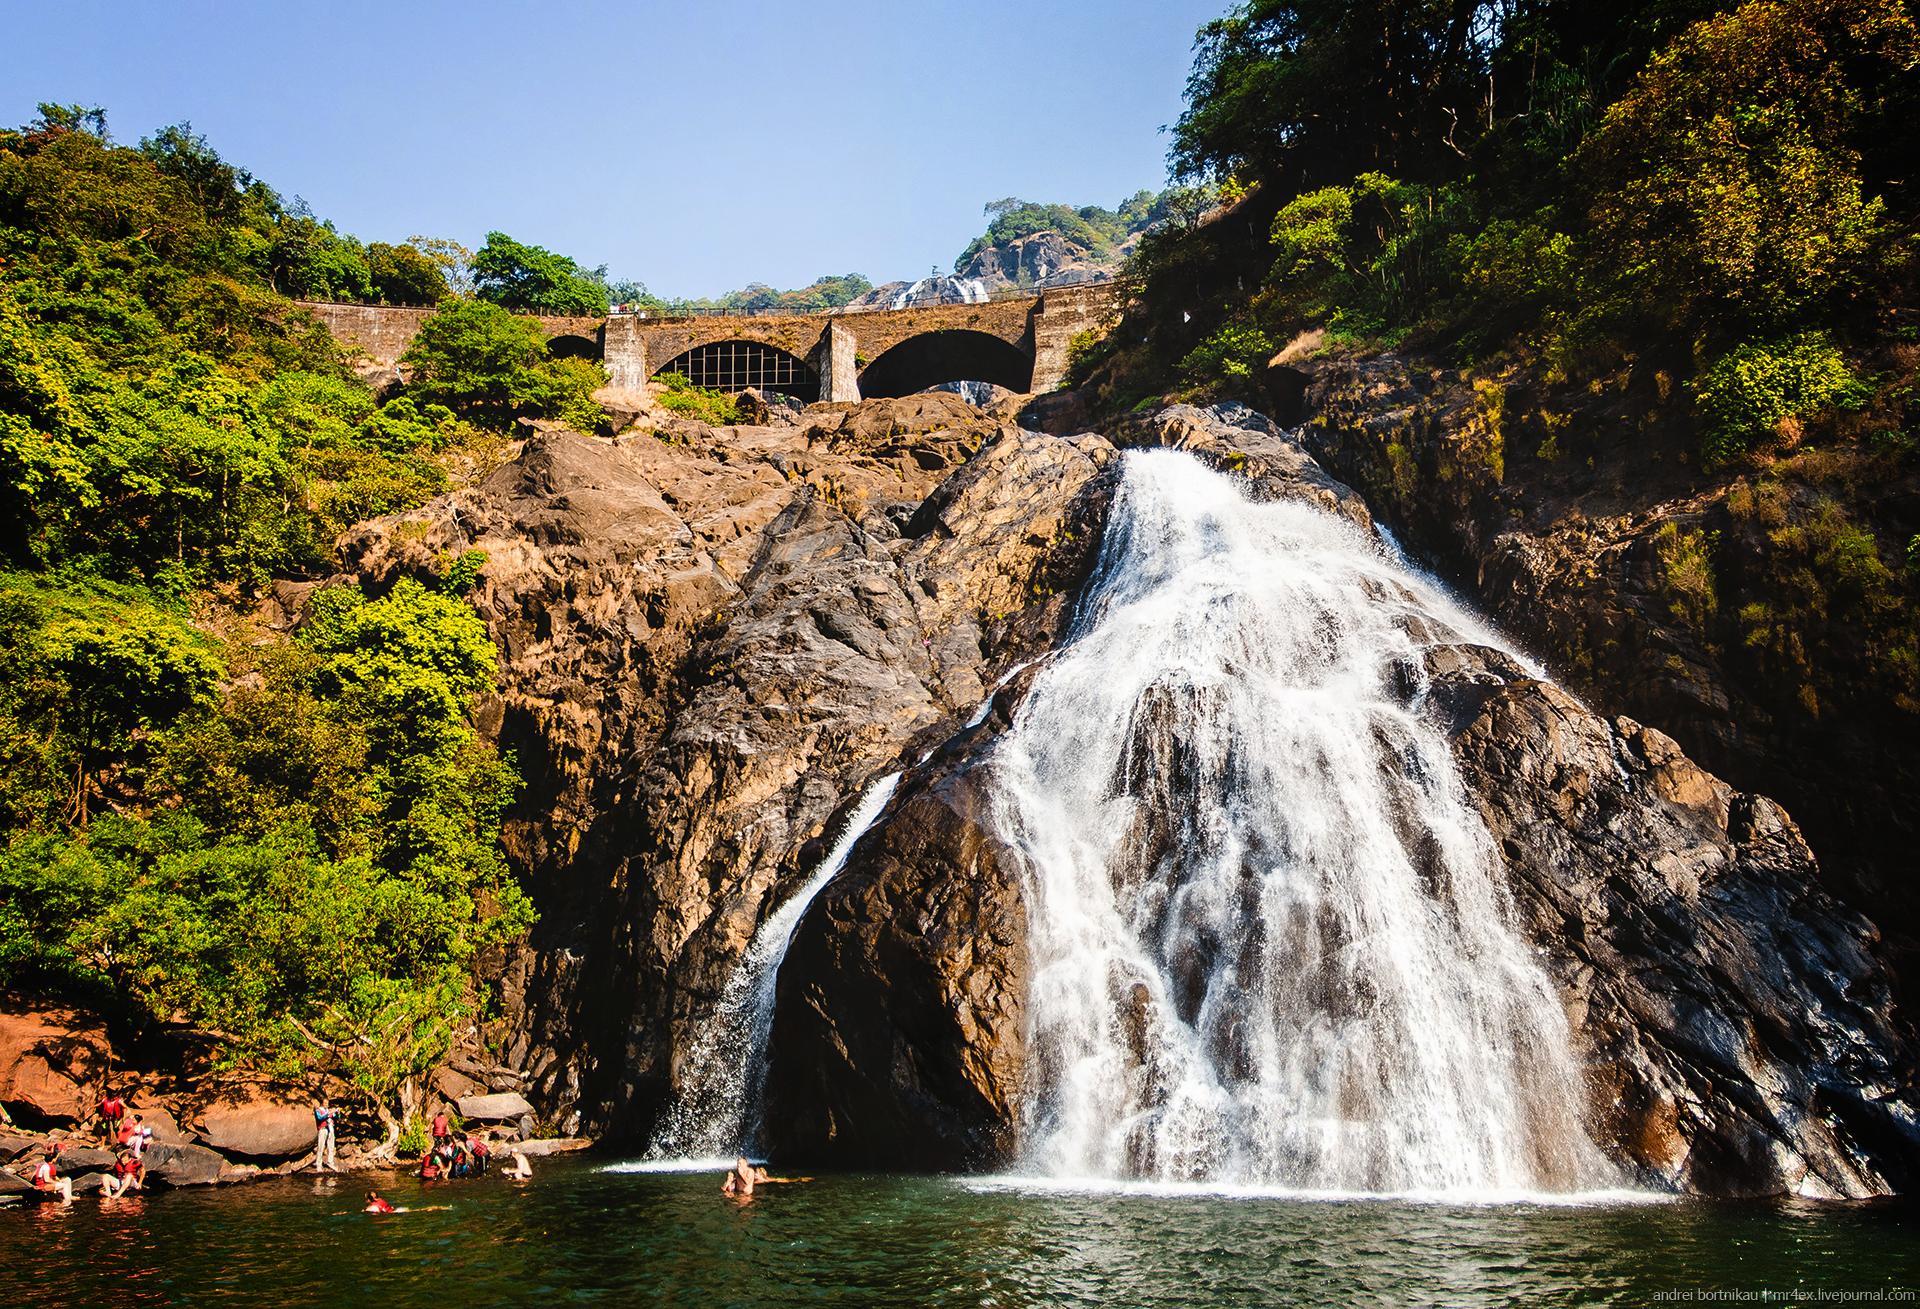 Водопад Дудхсагар, Гоа, Индия, Dudhsagar falls